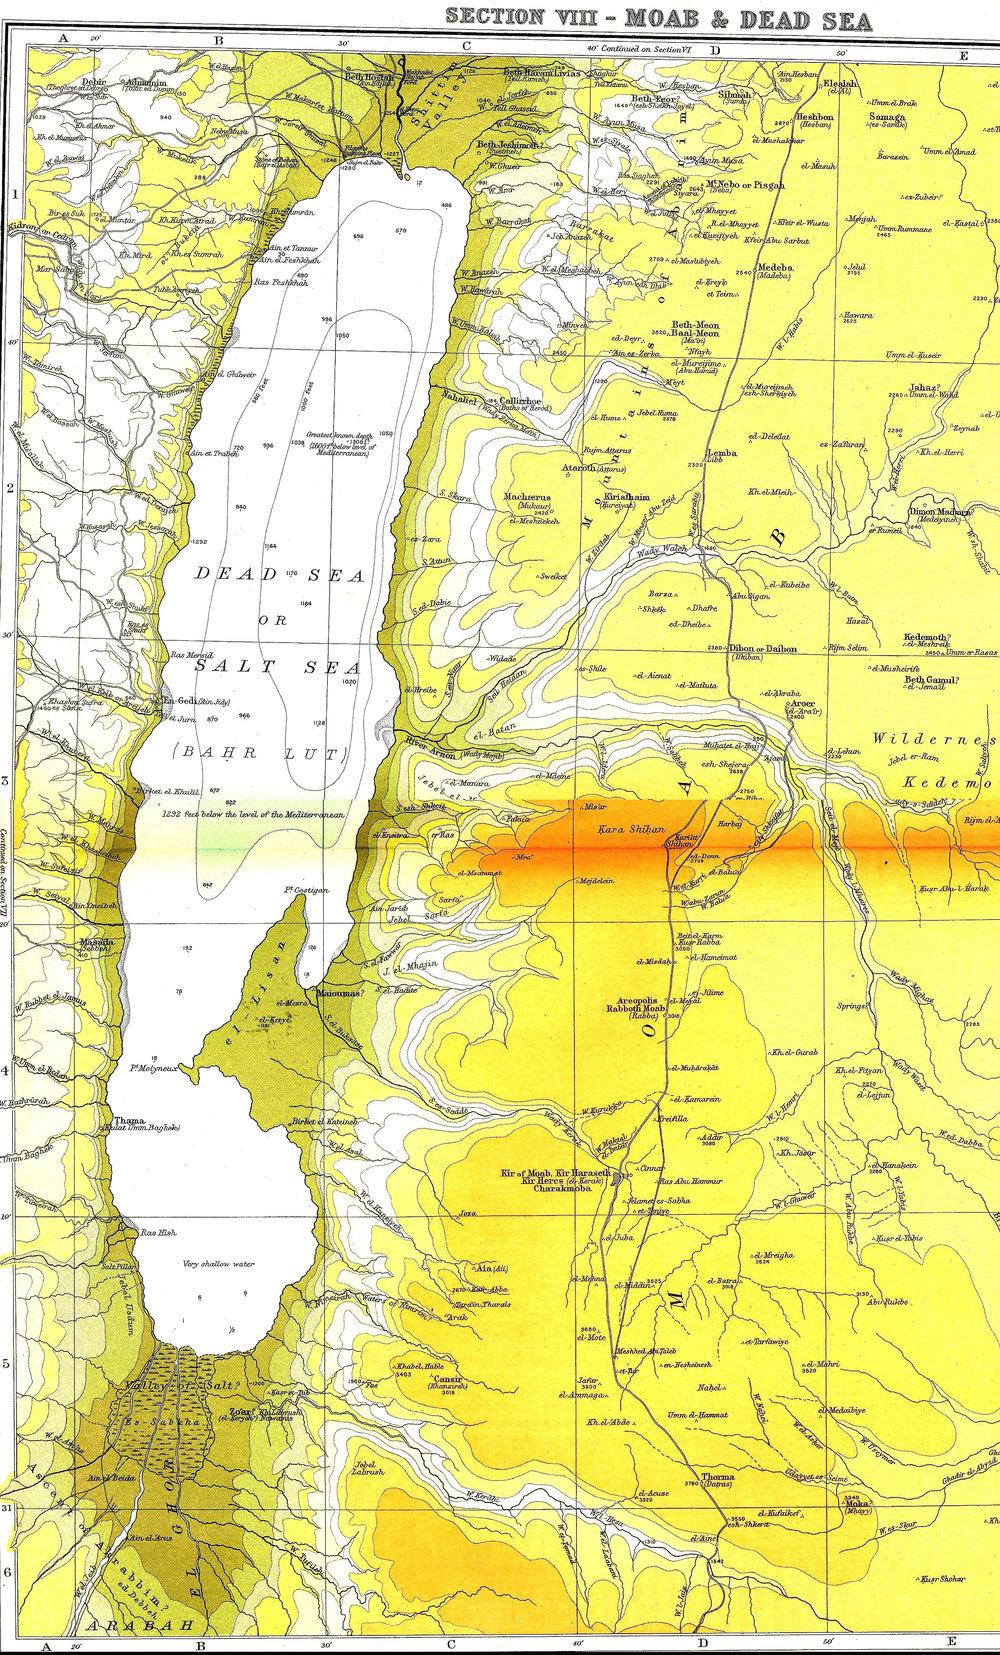 Moab & Dead Sea